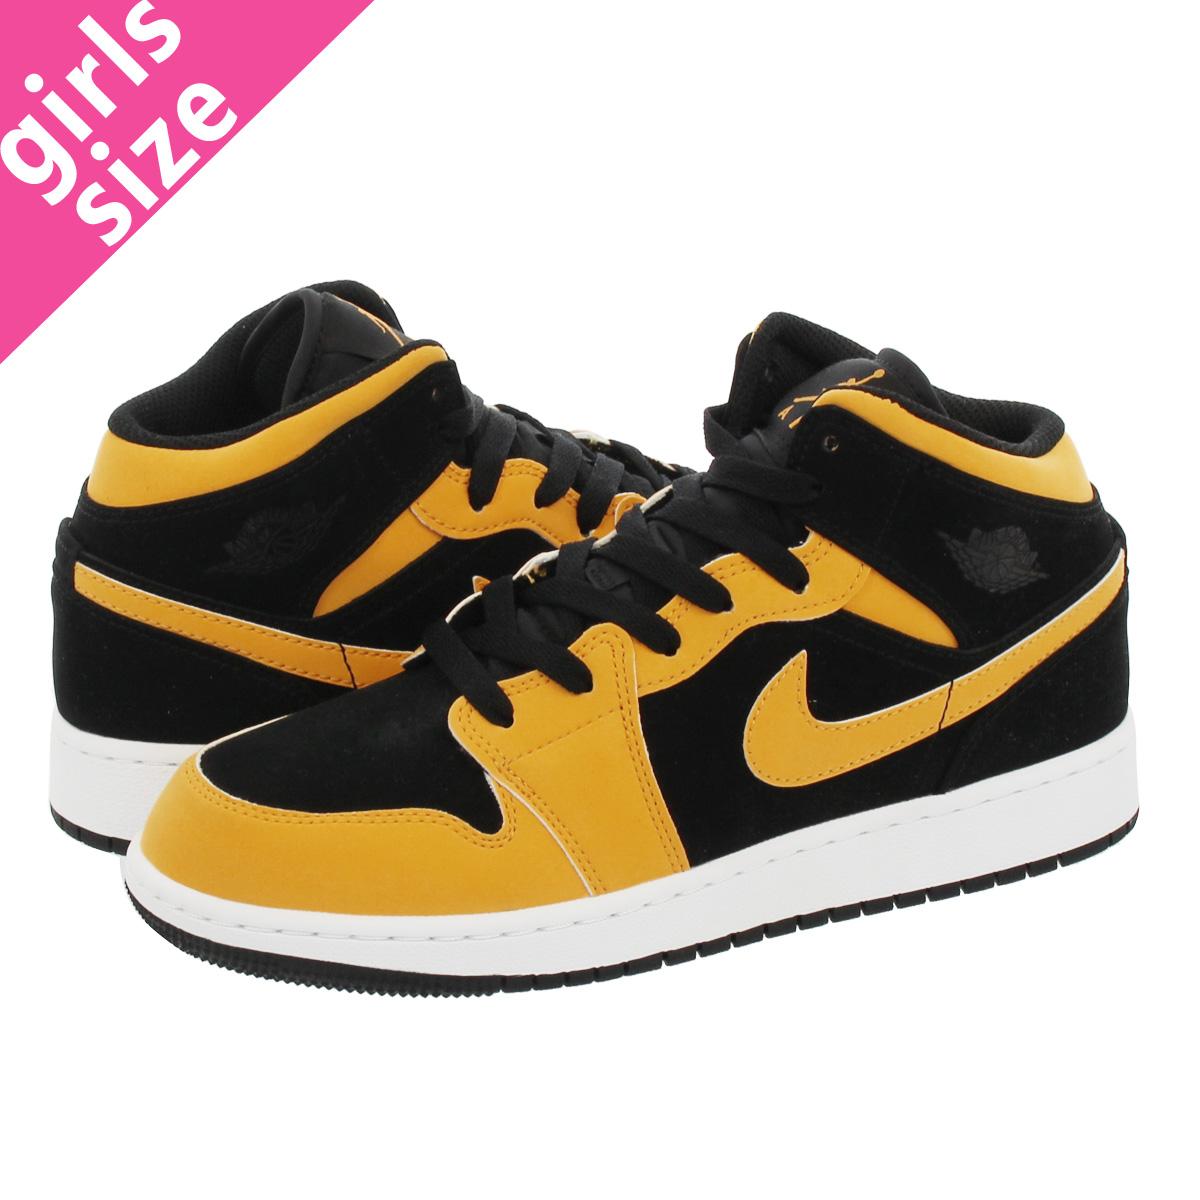 ec8eea1f381 NIKE AIR JORDAN 1 MID BG Nike Air Jordan 1 mid BG BLACK/UNIVERSITY GOLD ...